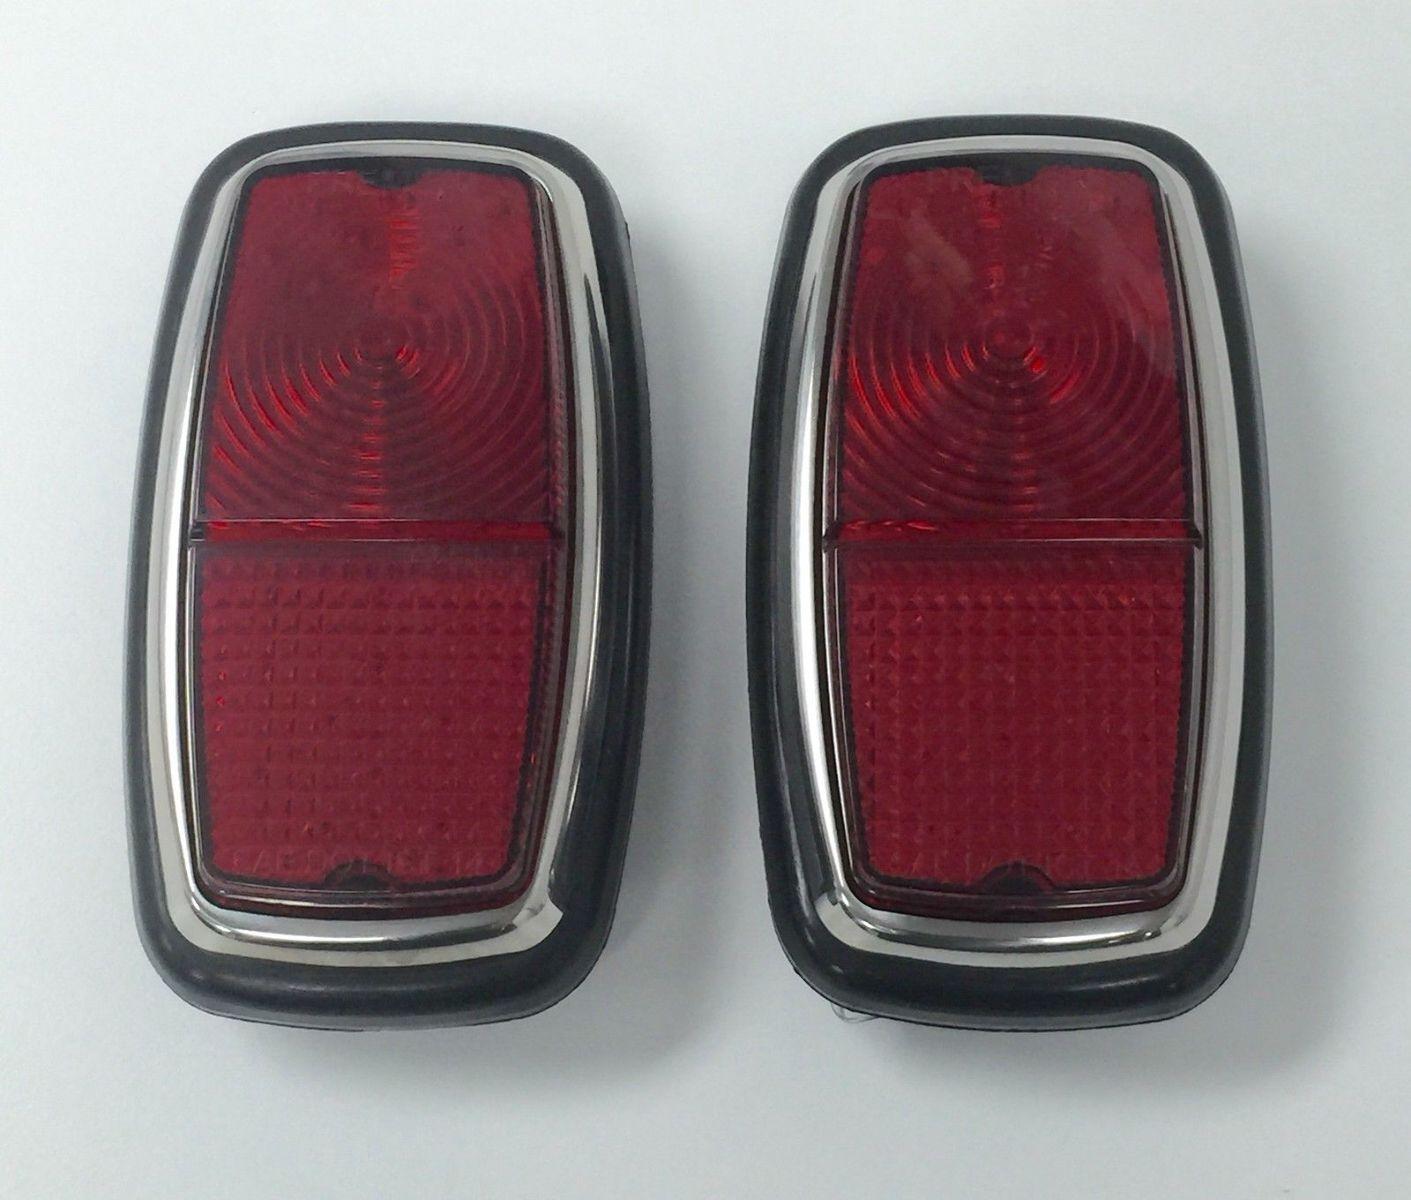 Details about 1963-67 Shelby Cobra LED Tail Light Assembly Set